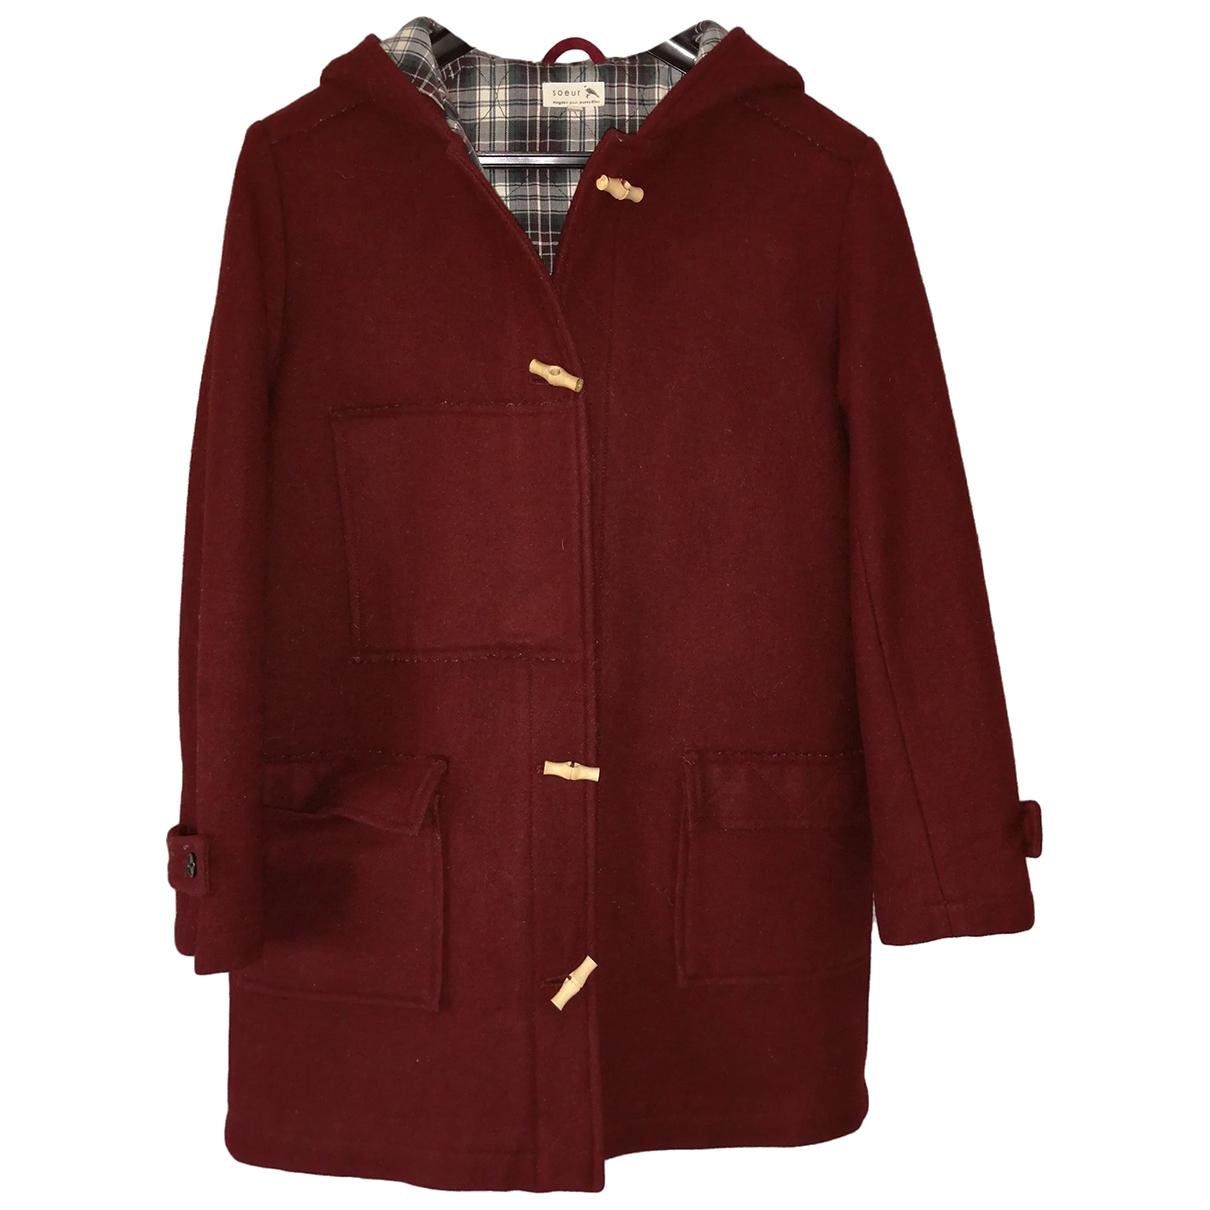 Soeur \N Burgundy Wool coat for Women S International